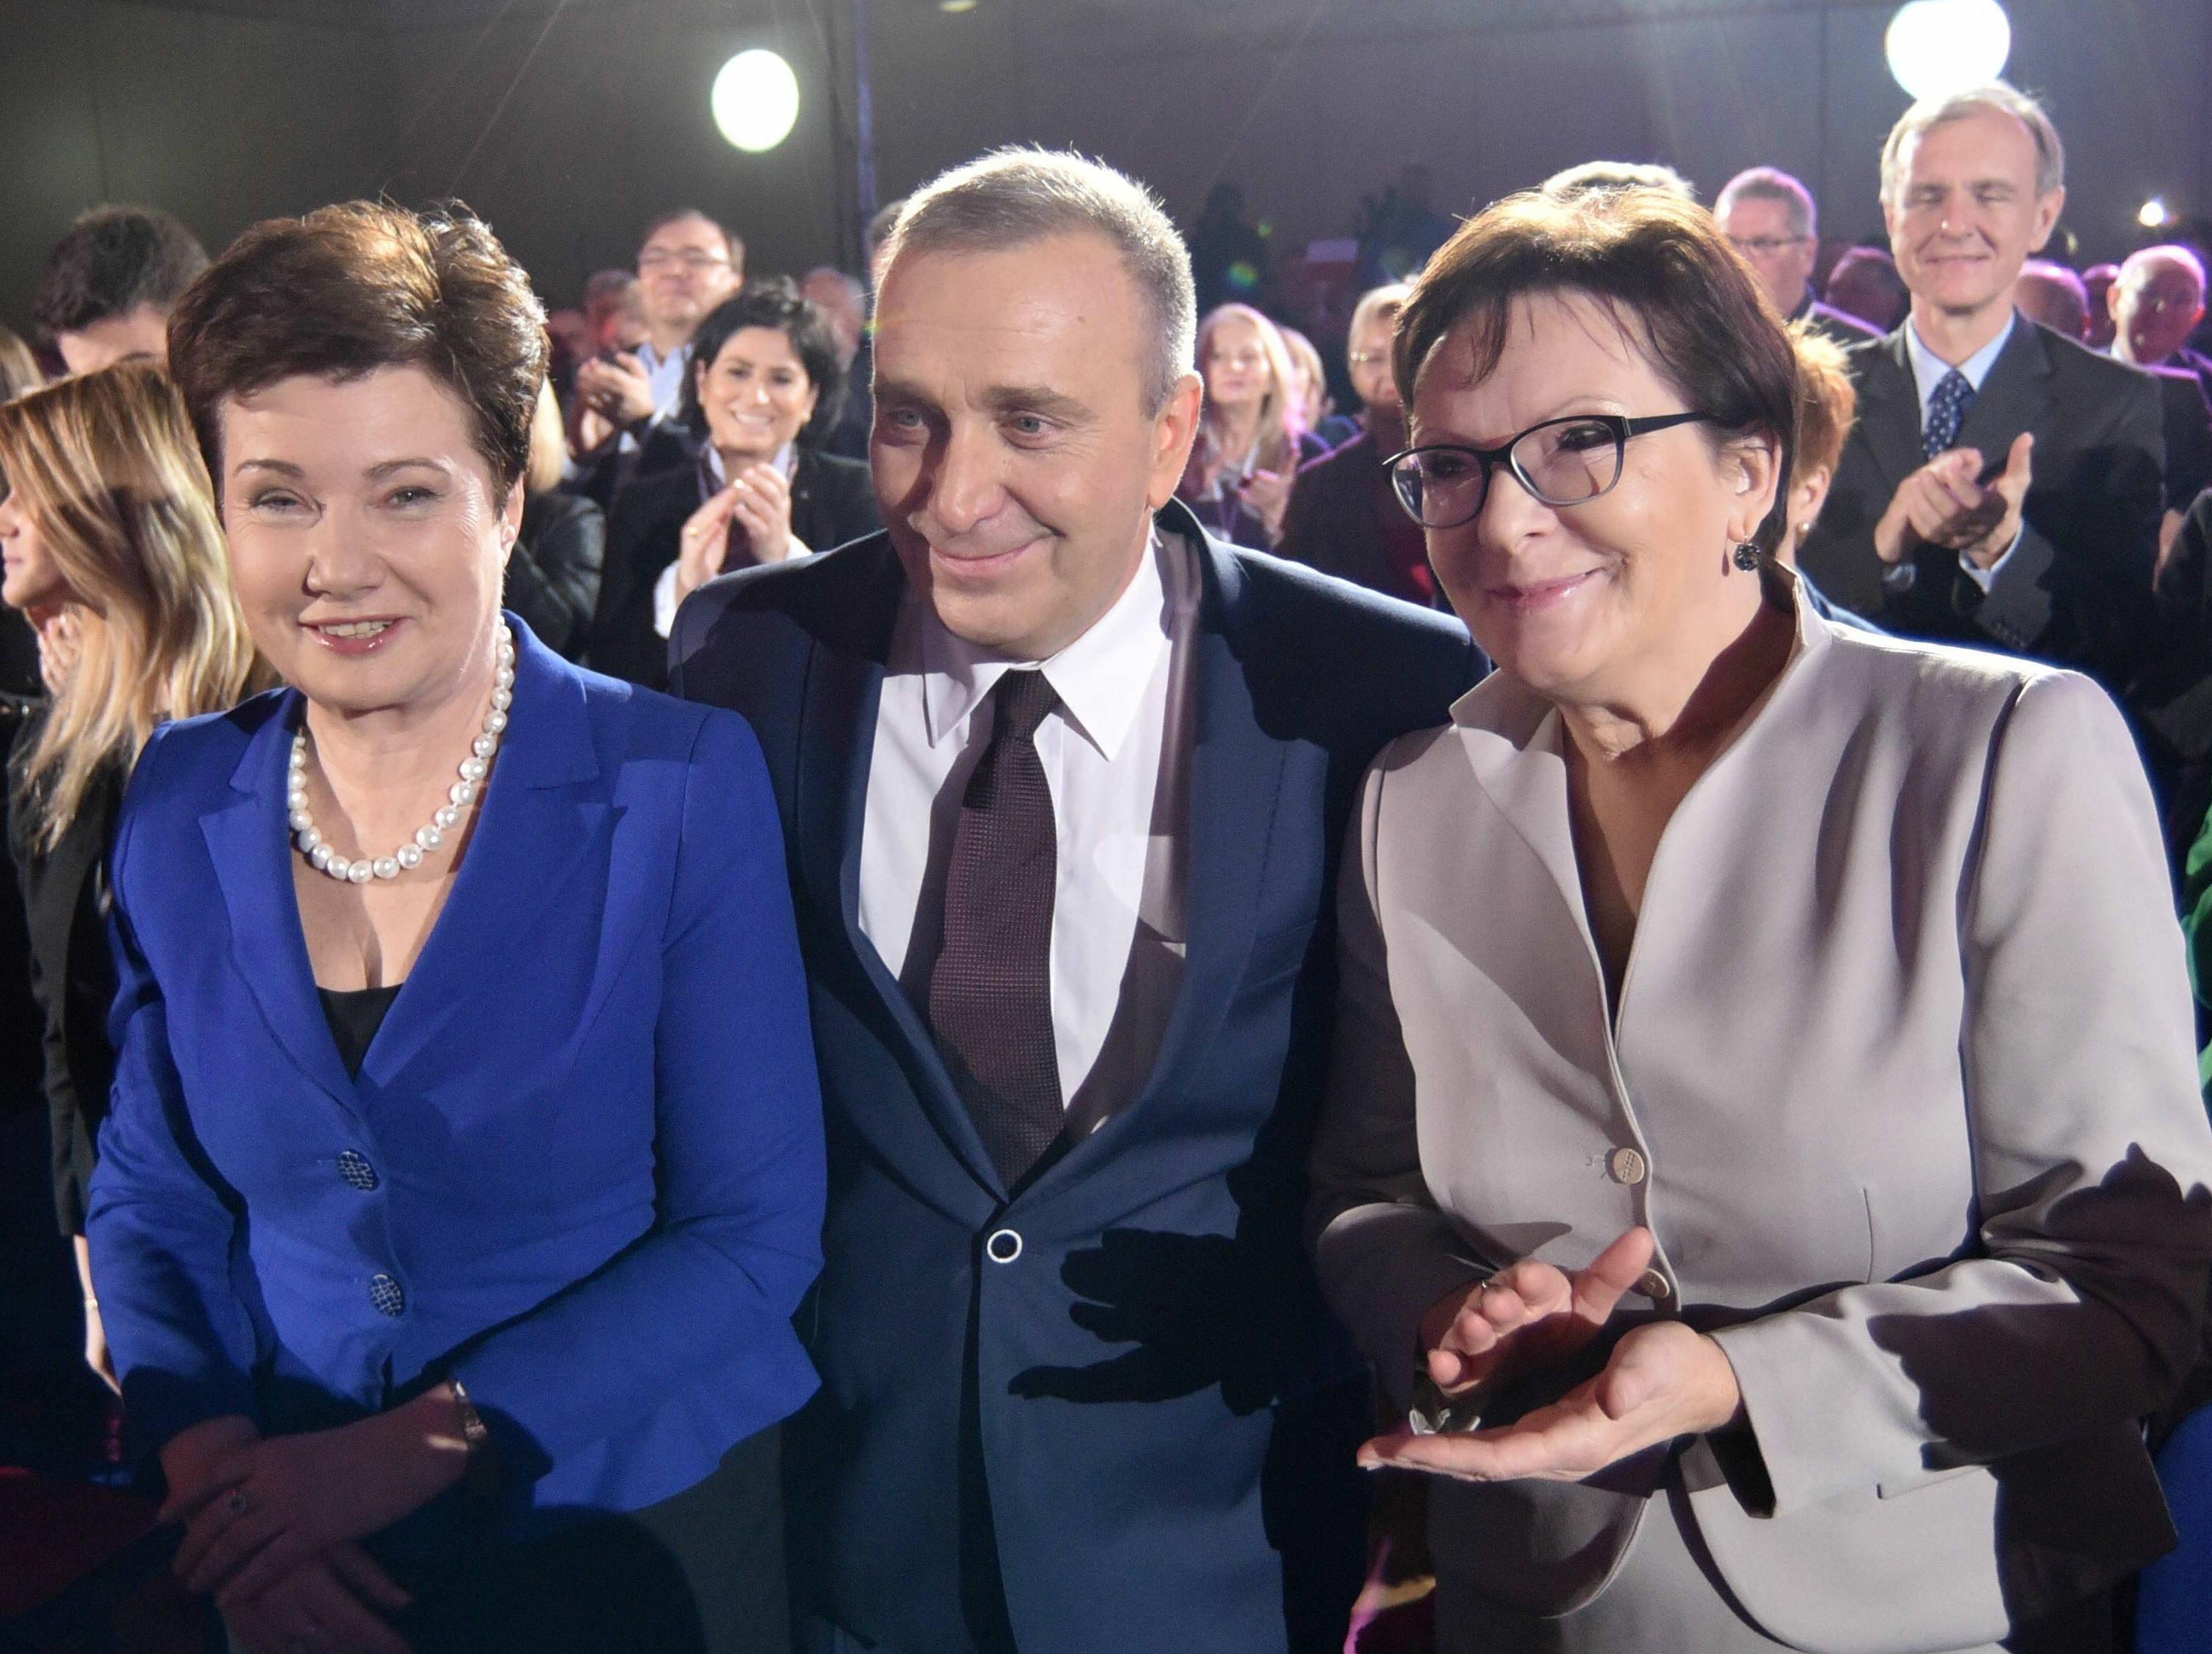 Od lewej: Hanna Gronkiewicz-Waltz, Grzegorz Schetyna, Ewa Kopacz